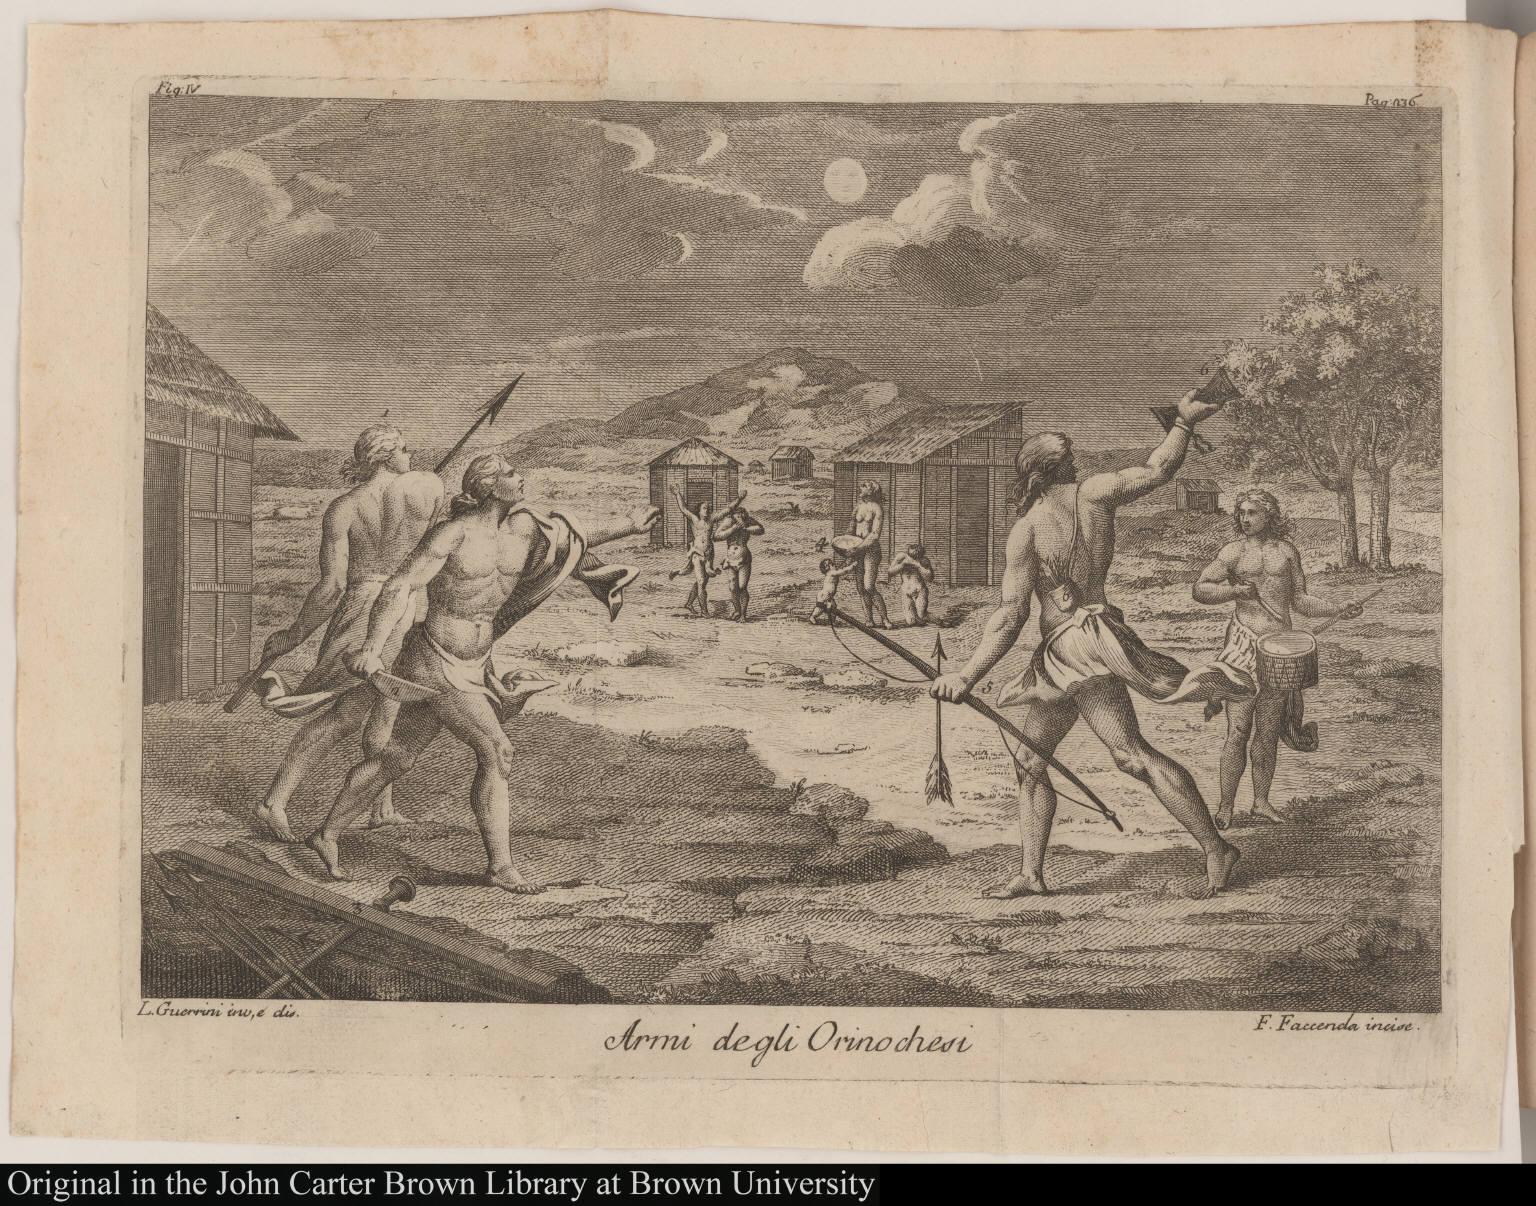 Armi degli Orinochesi